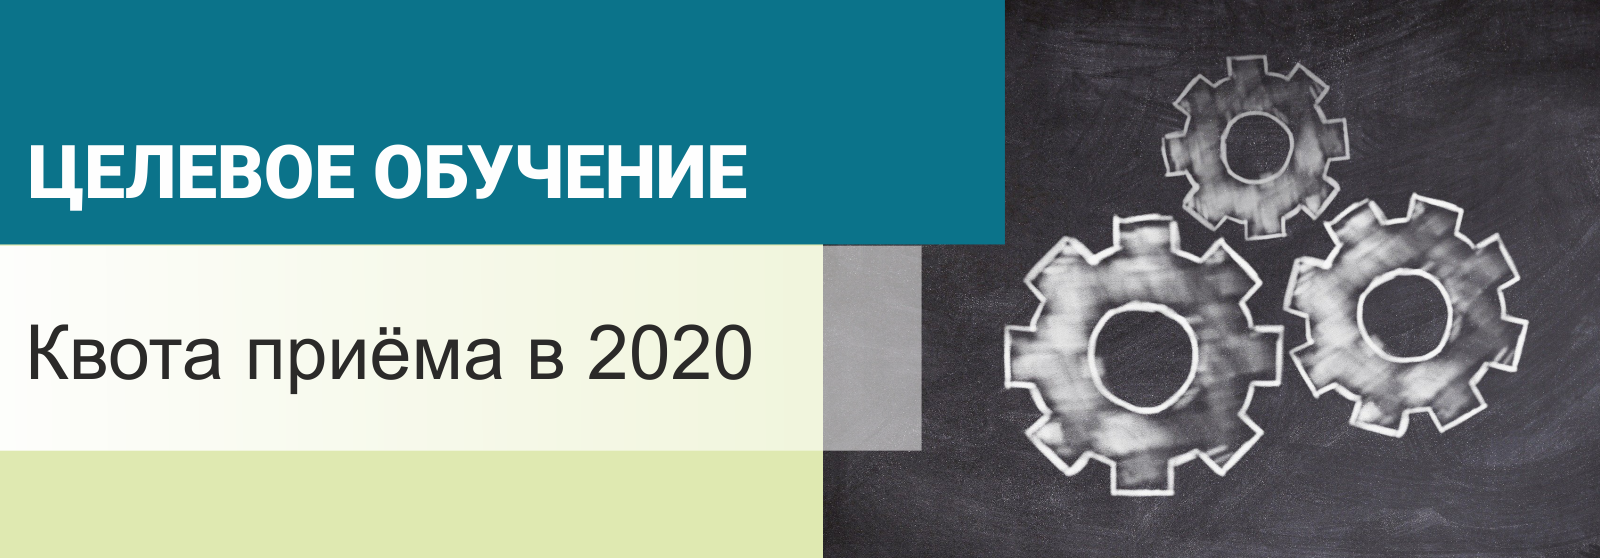 Установлена квота приёма в 2020 году на целевое обучение в вузы за счёт бюджетных ассигнований